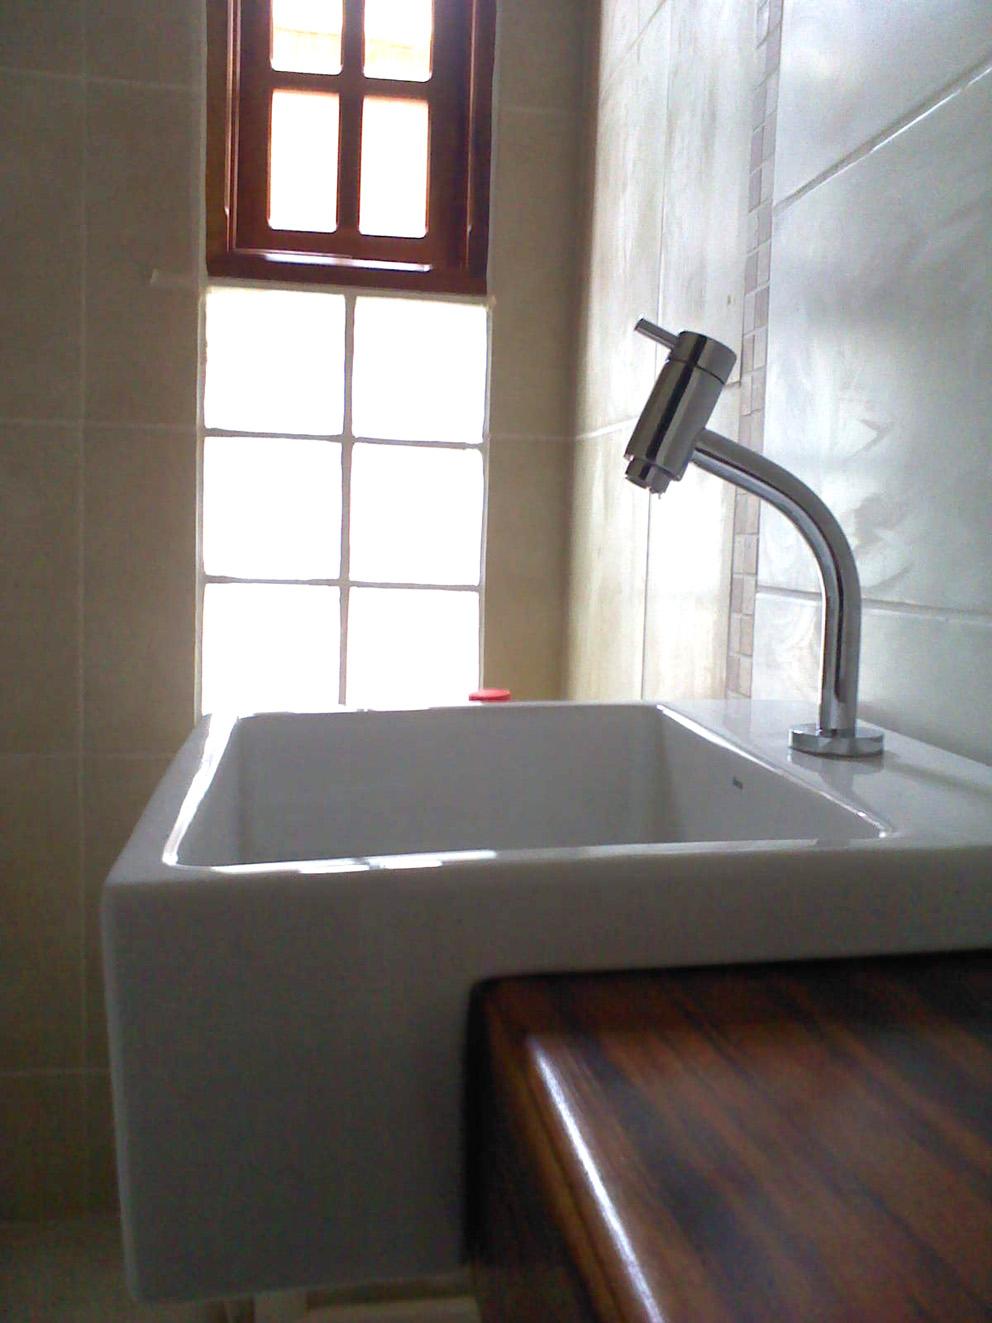 Vista Interna do Banheiro da Suíte